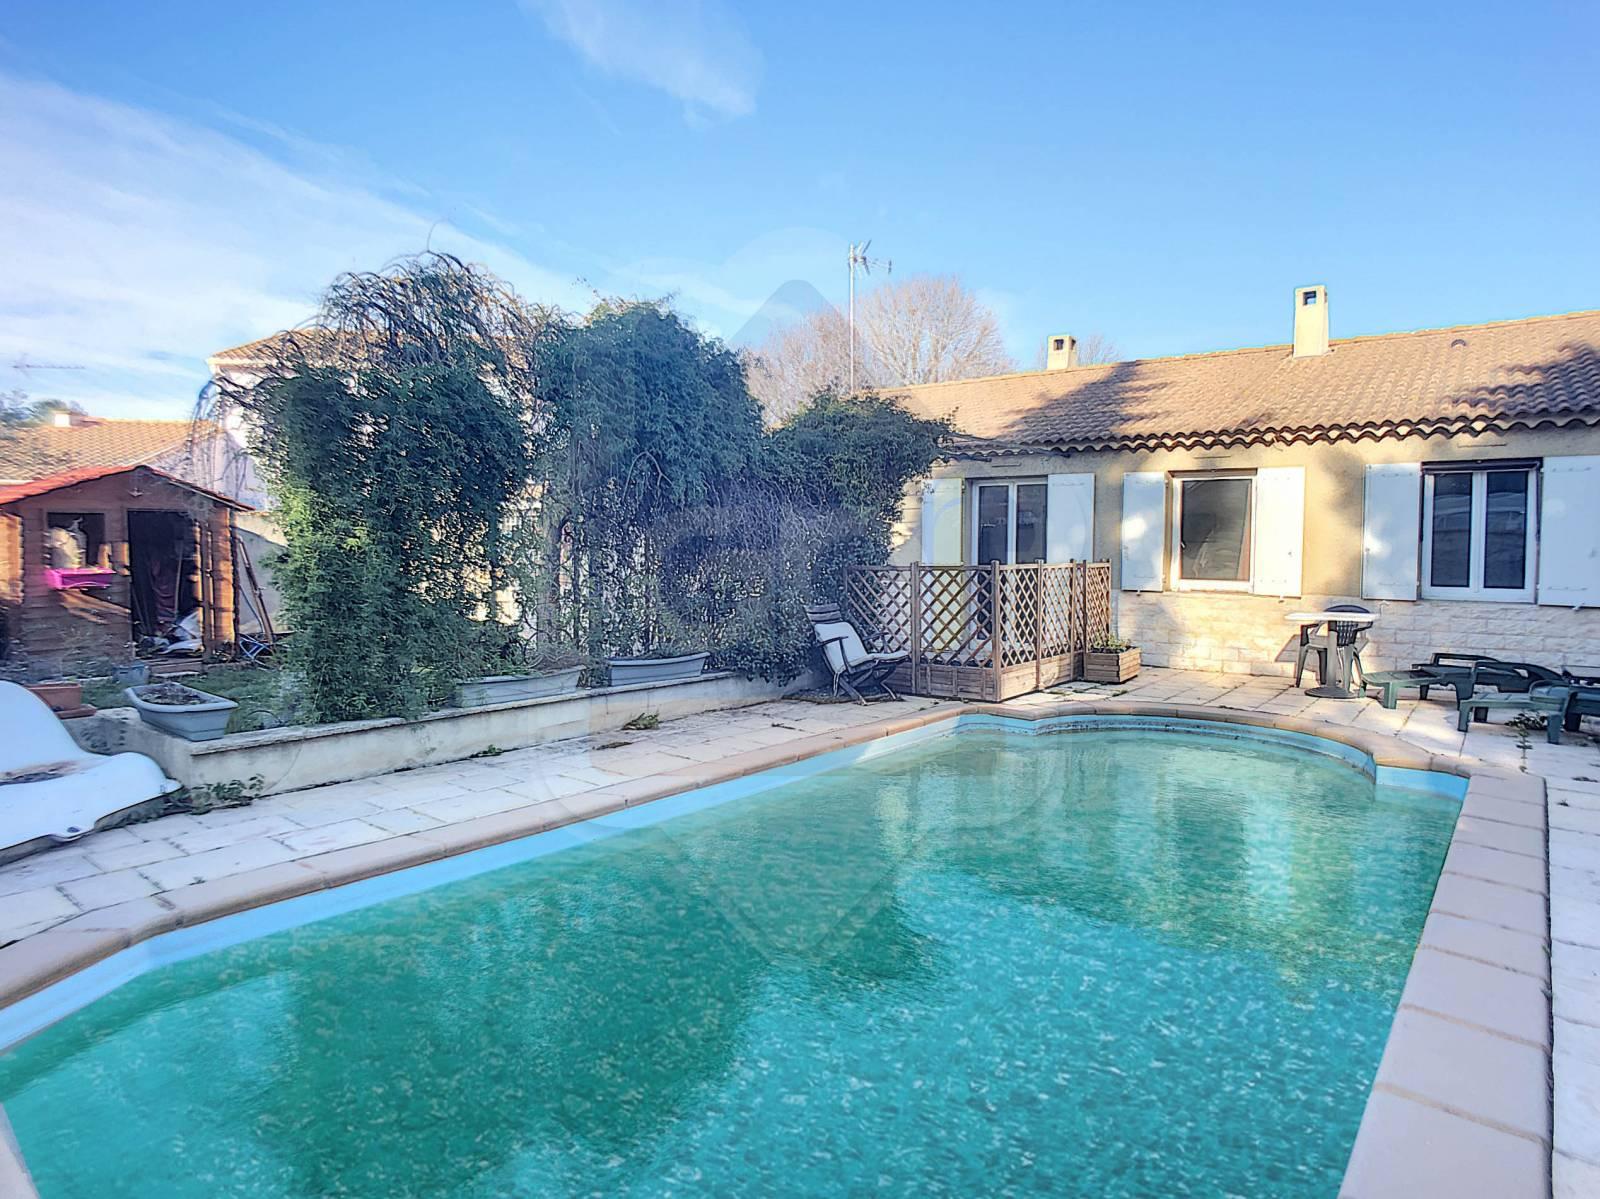 A Vendre Maison De Plain Pied Sur Avignon Extra Muros Avec ... intérieur Maison A Vendre Avec Piscine